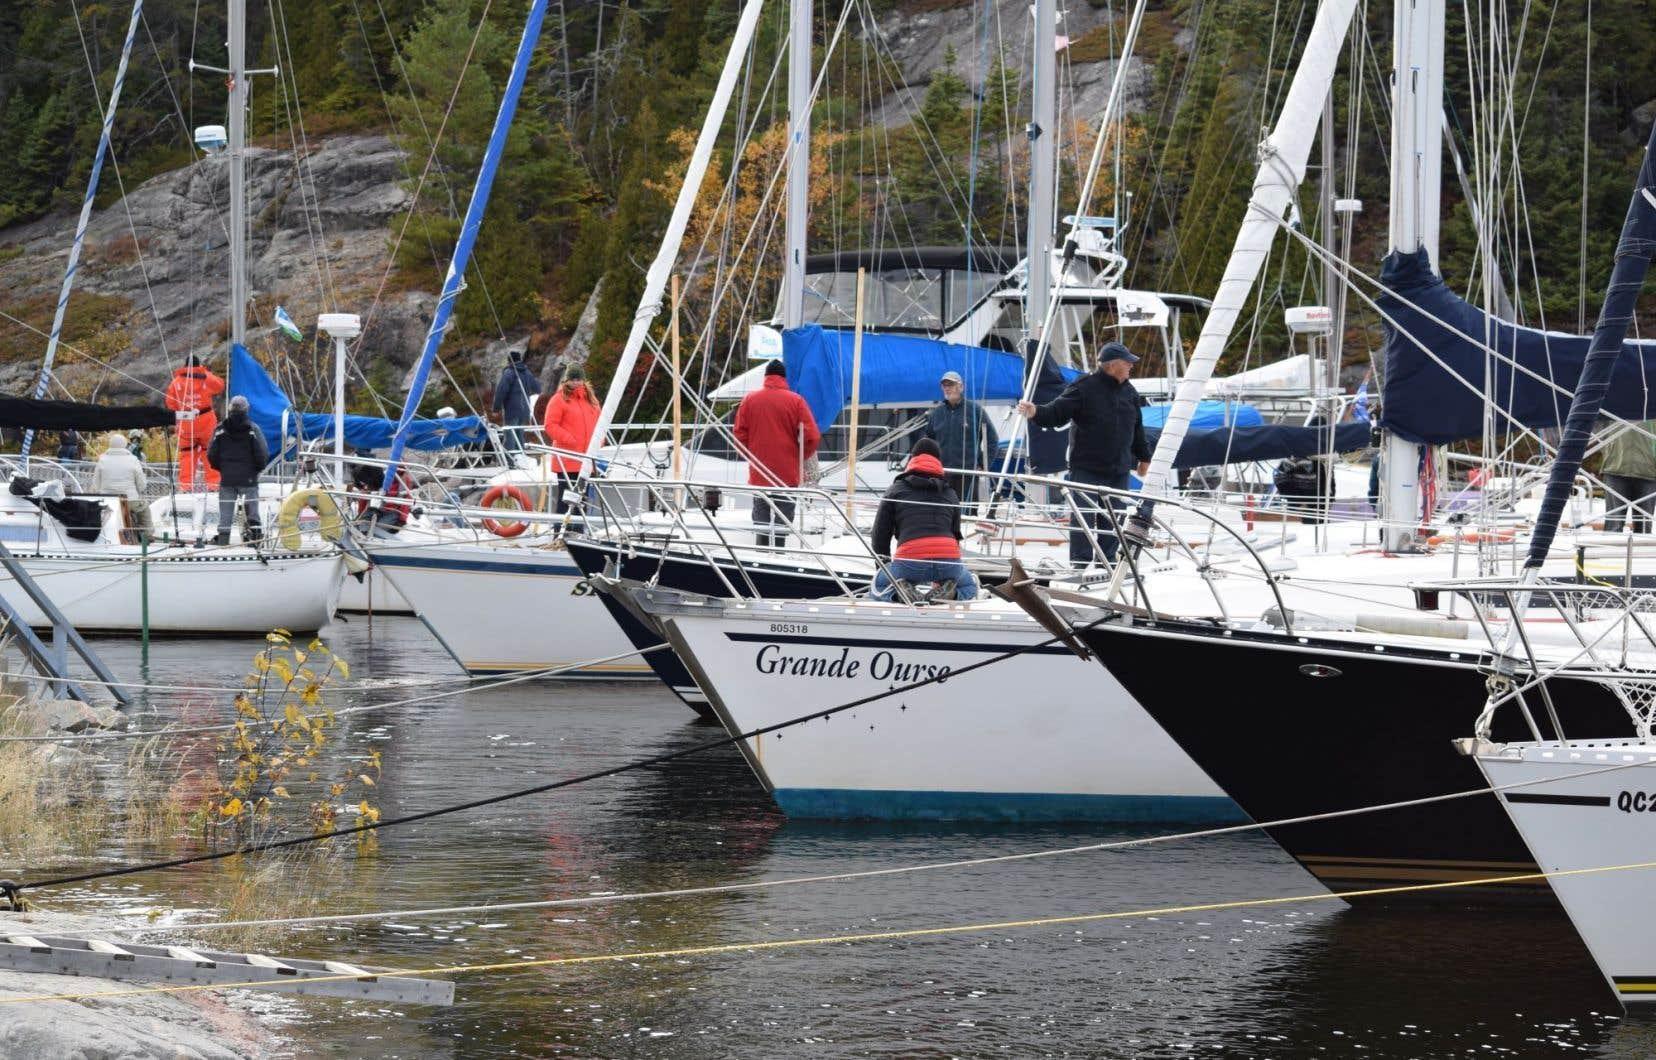 Plus d'un vingtaine de bateaux, essentiellement des voiliers, passent l'hiver dans la cale sèche, qui sera de nouveau remplie au printemps pour leur permettre de quitter le site.